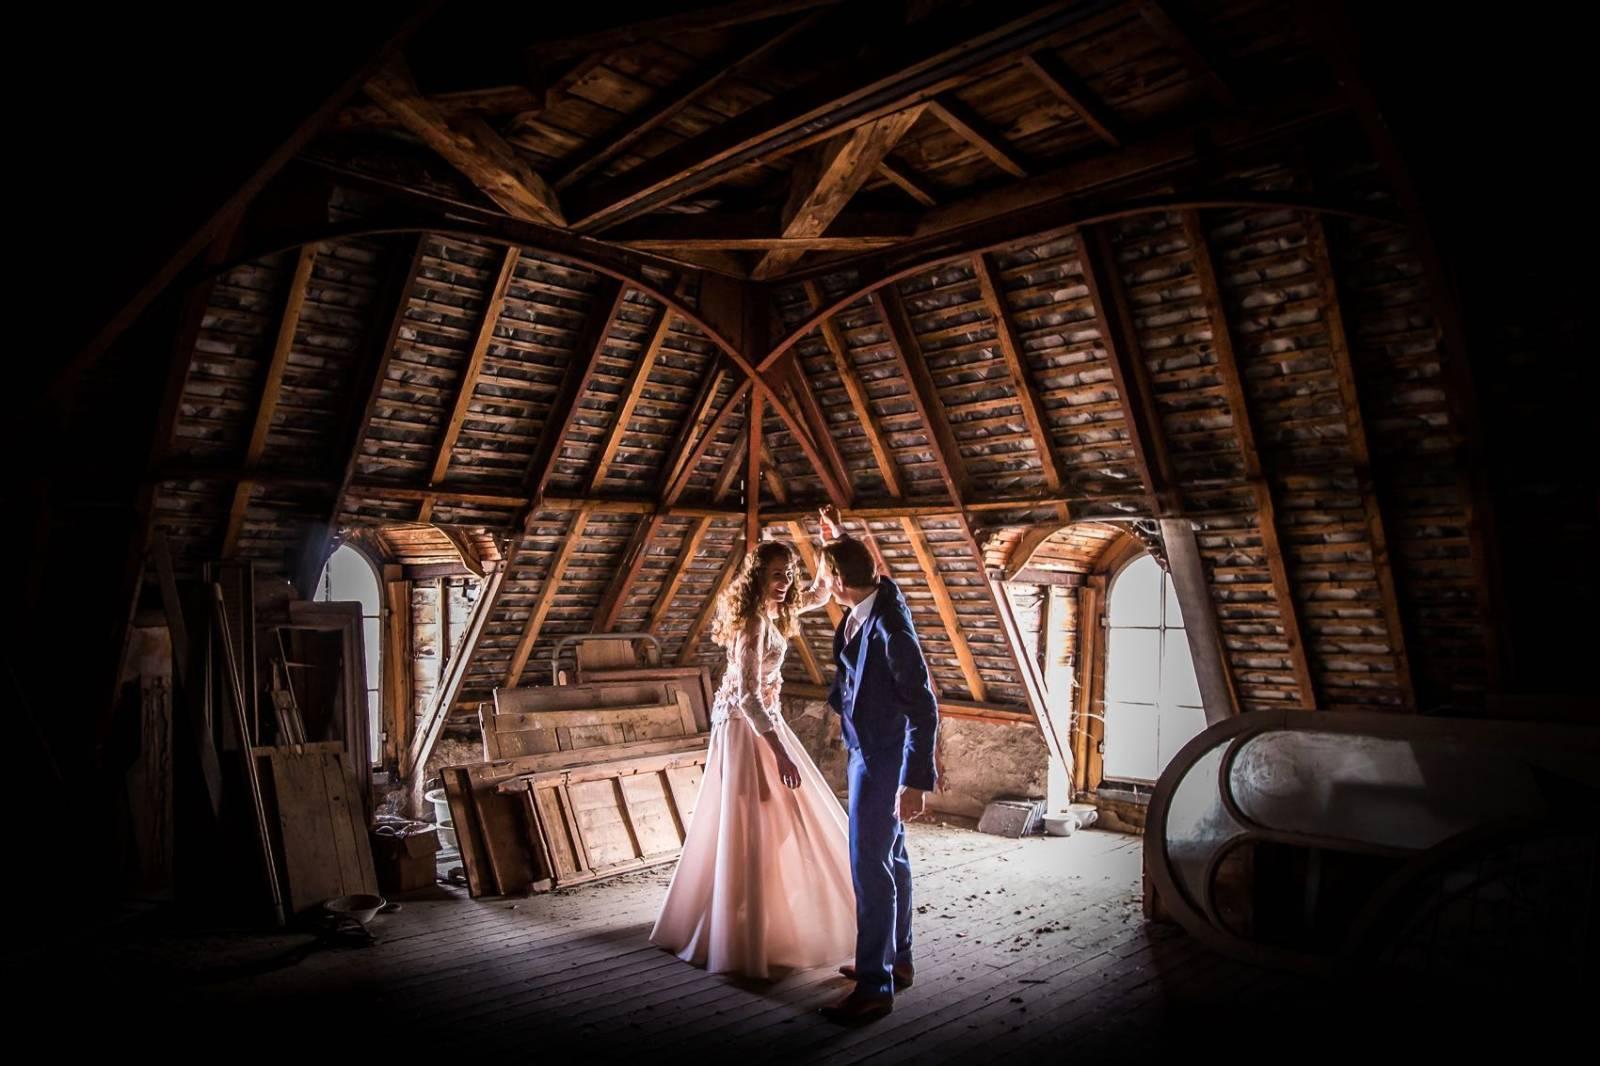 Cinderella Photographie - Trouwen in frankrijk - Huwelijksfotograaf - Trouwfotograaf - House of Weddings - 20